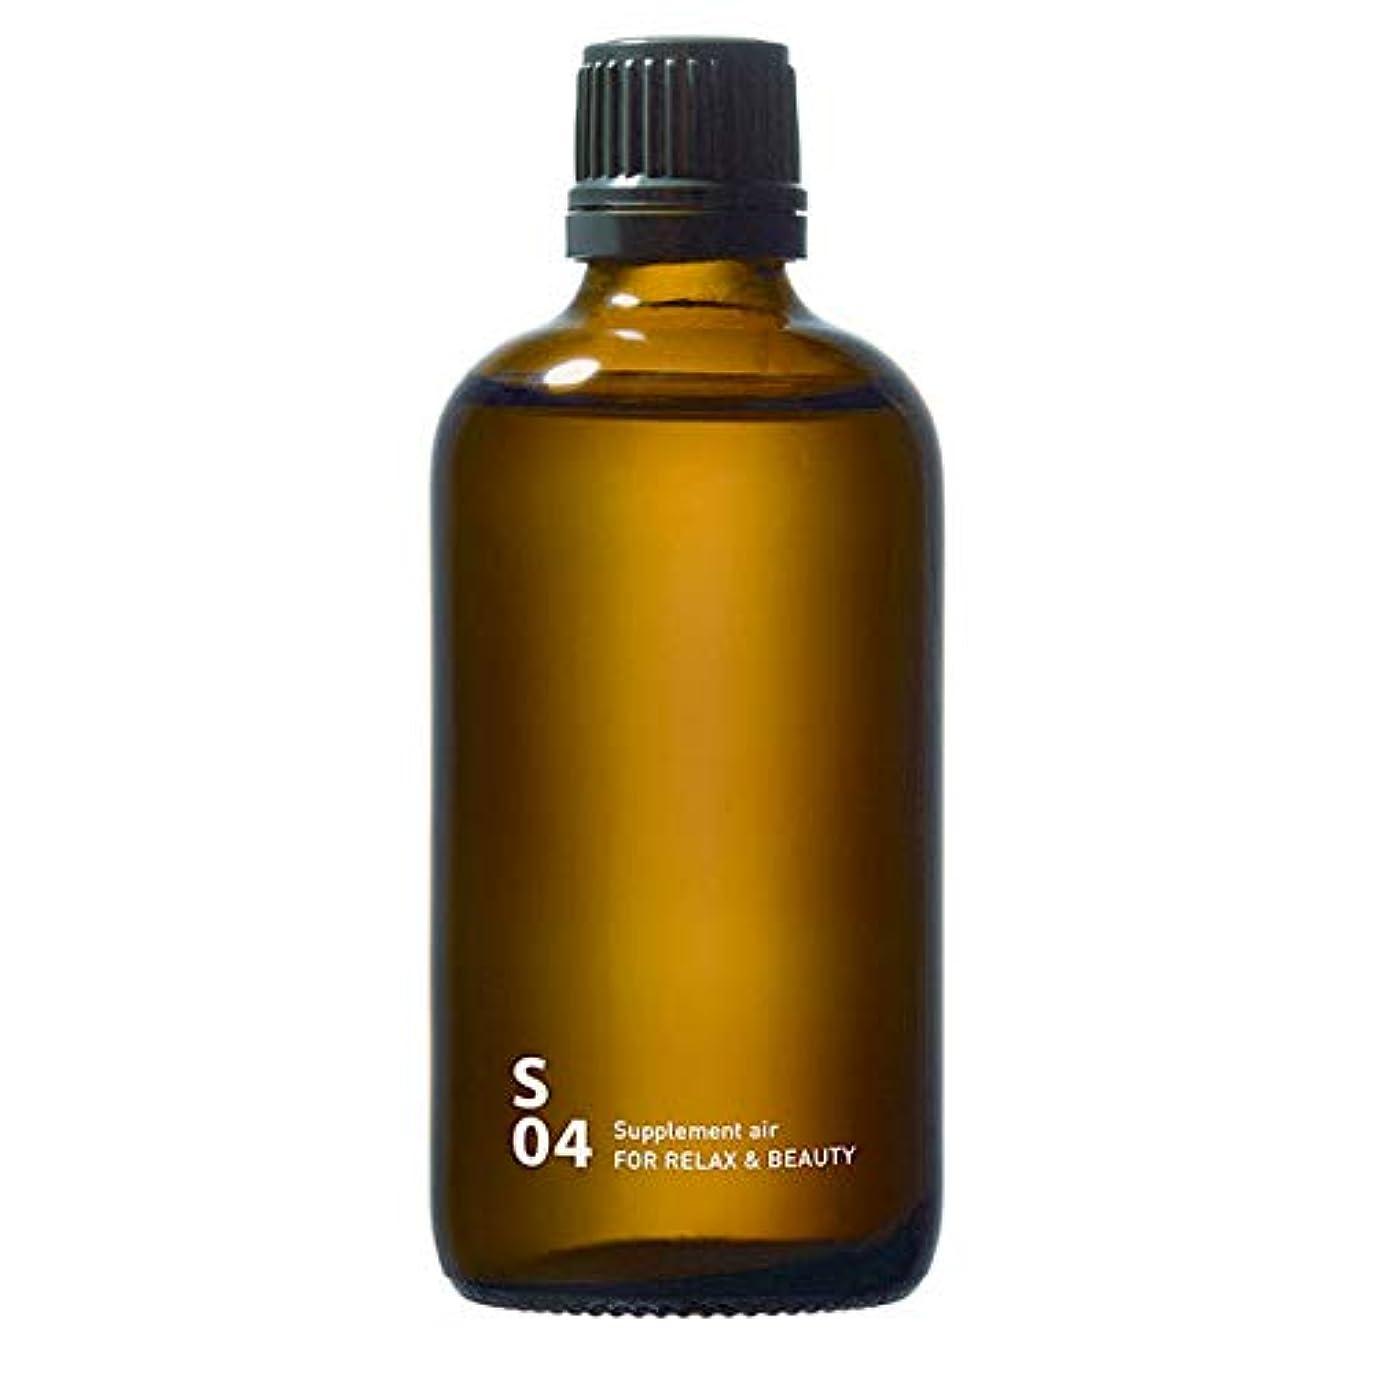 普及ヒュームプレゼントS04 FOR RELAX & BEAUTY piezo aroma oil 100ml